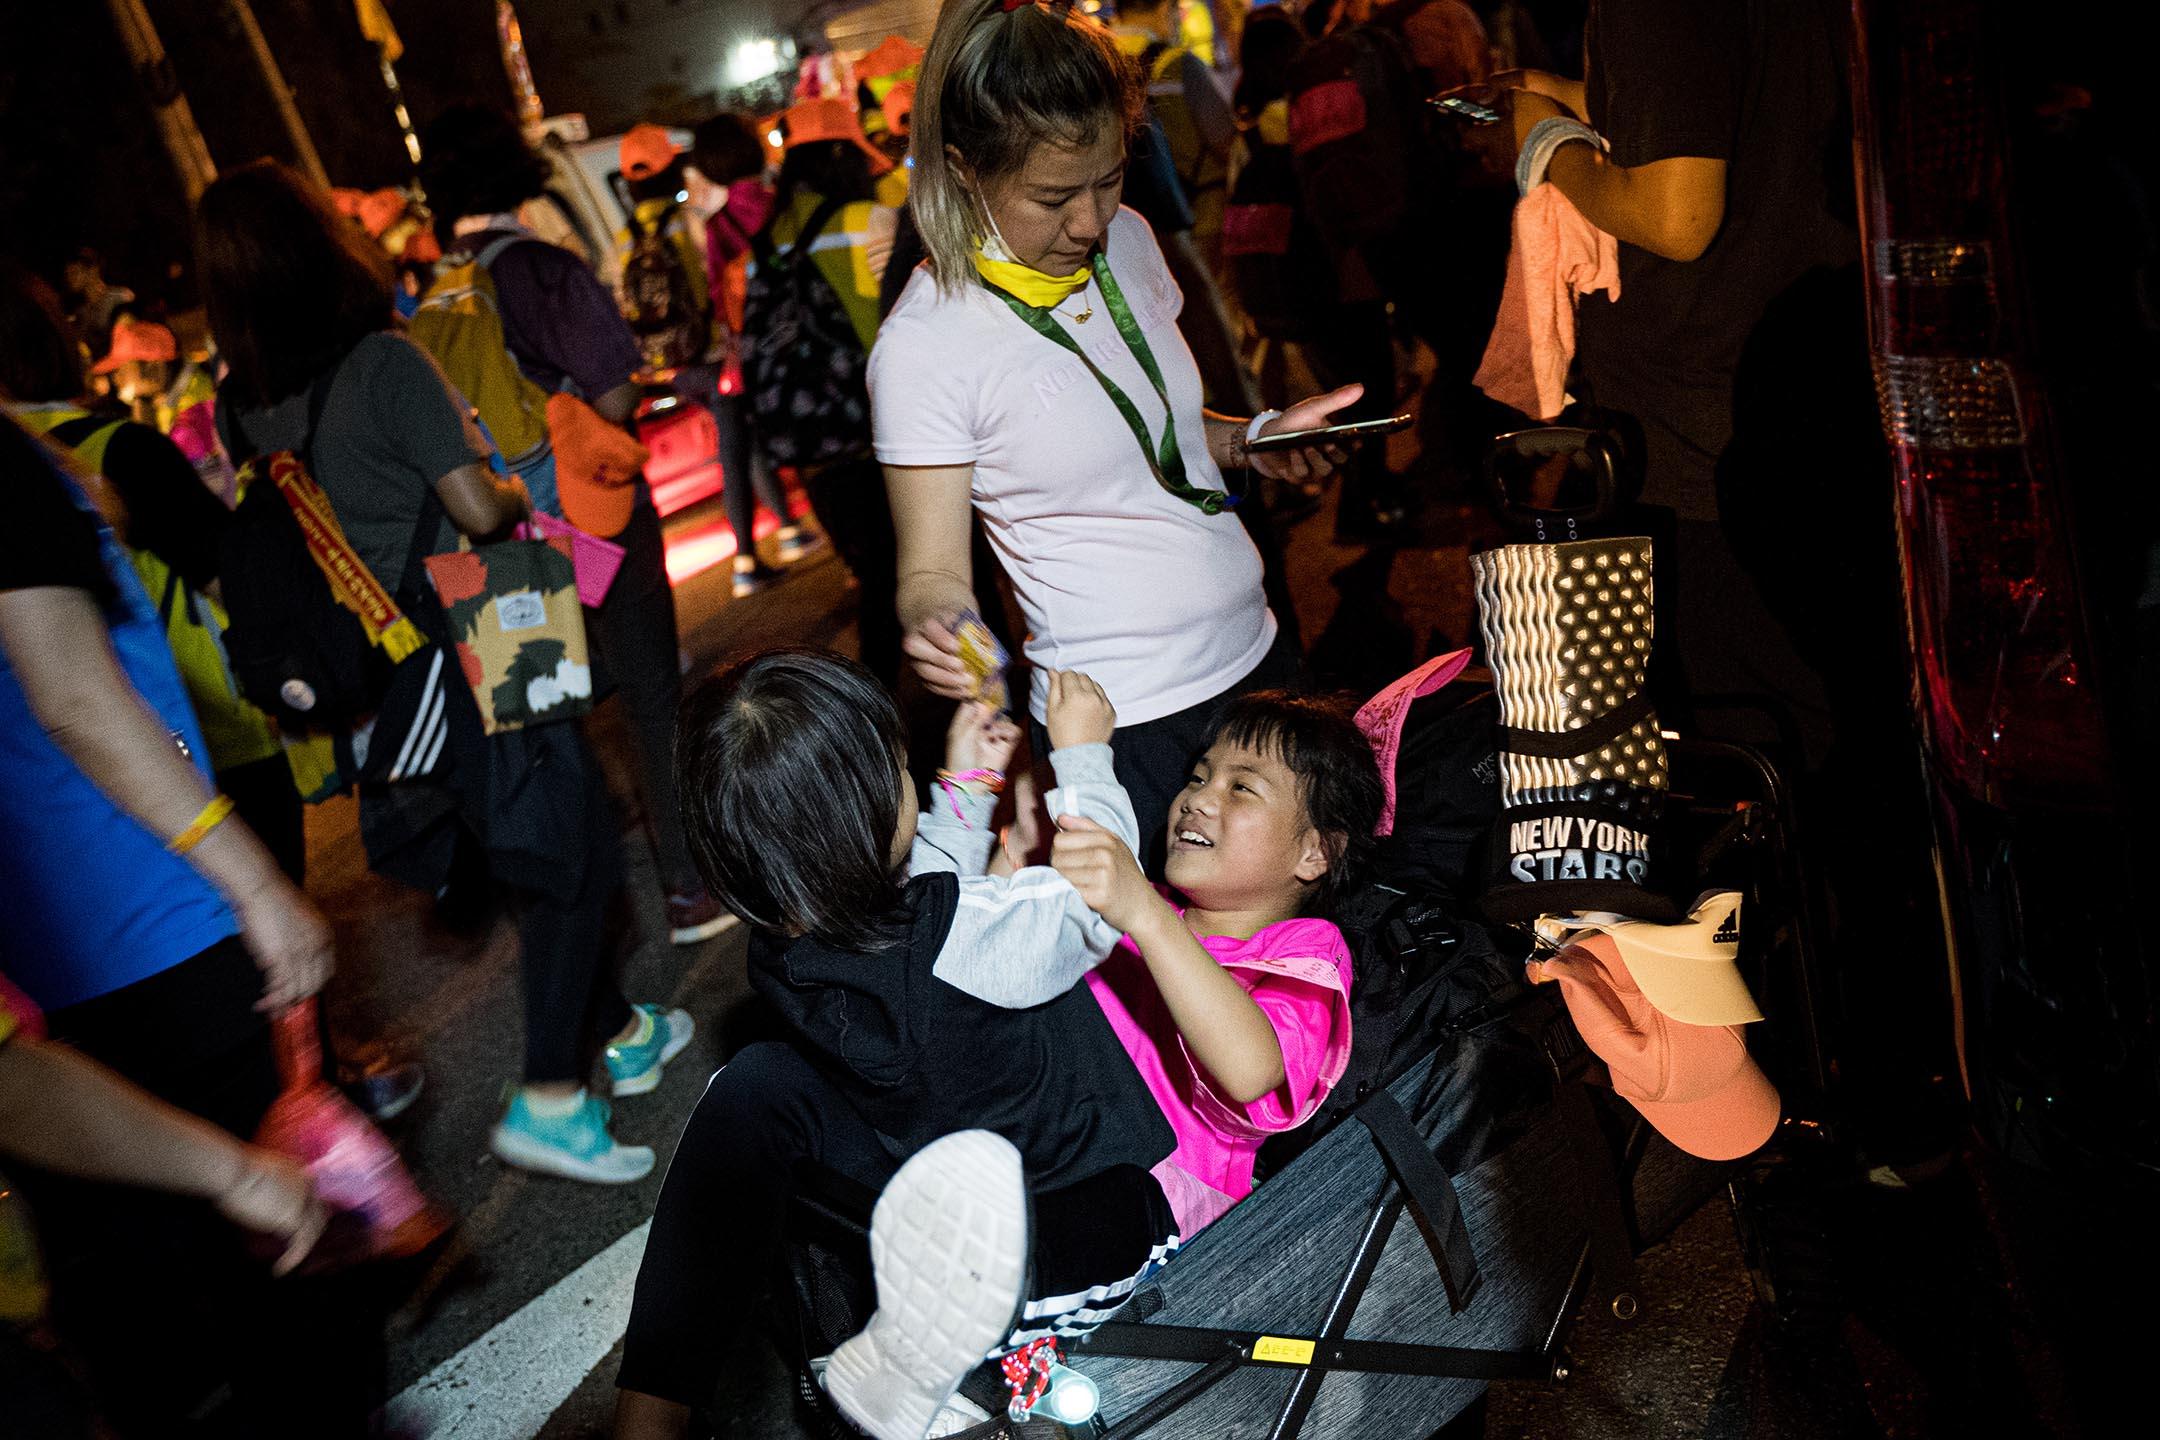 隊伍行進中,不時可見爸媽推著嬰孩車參與。